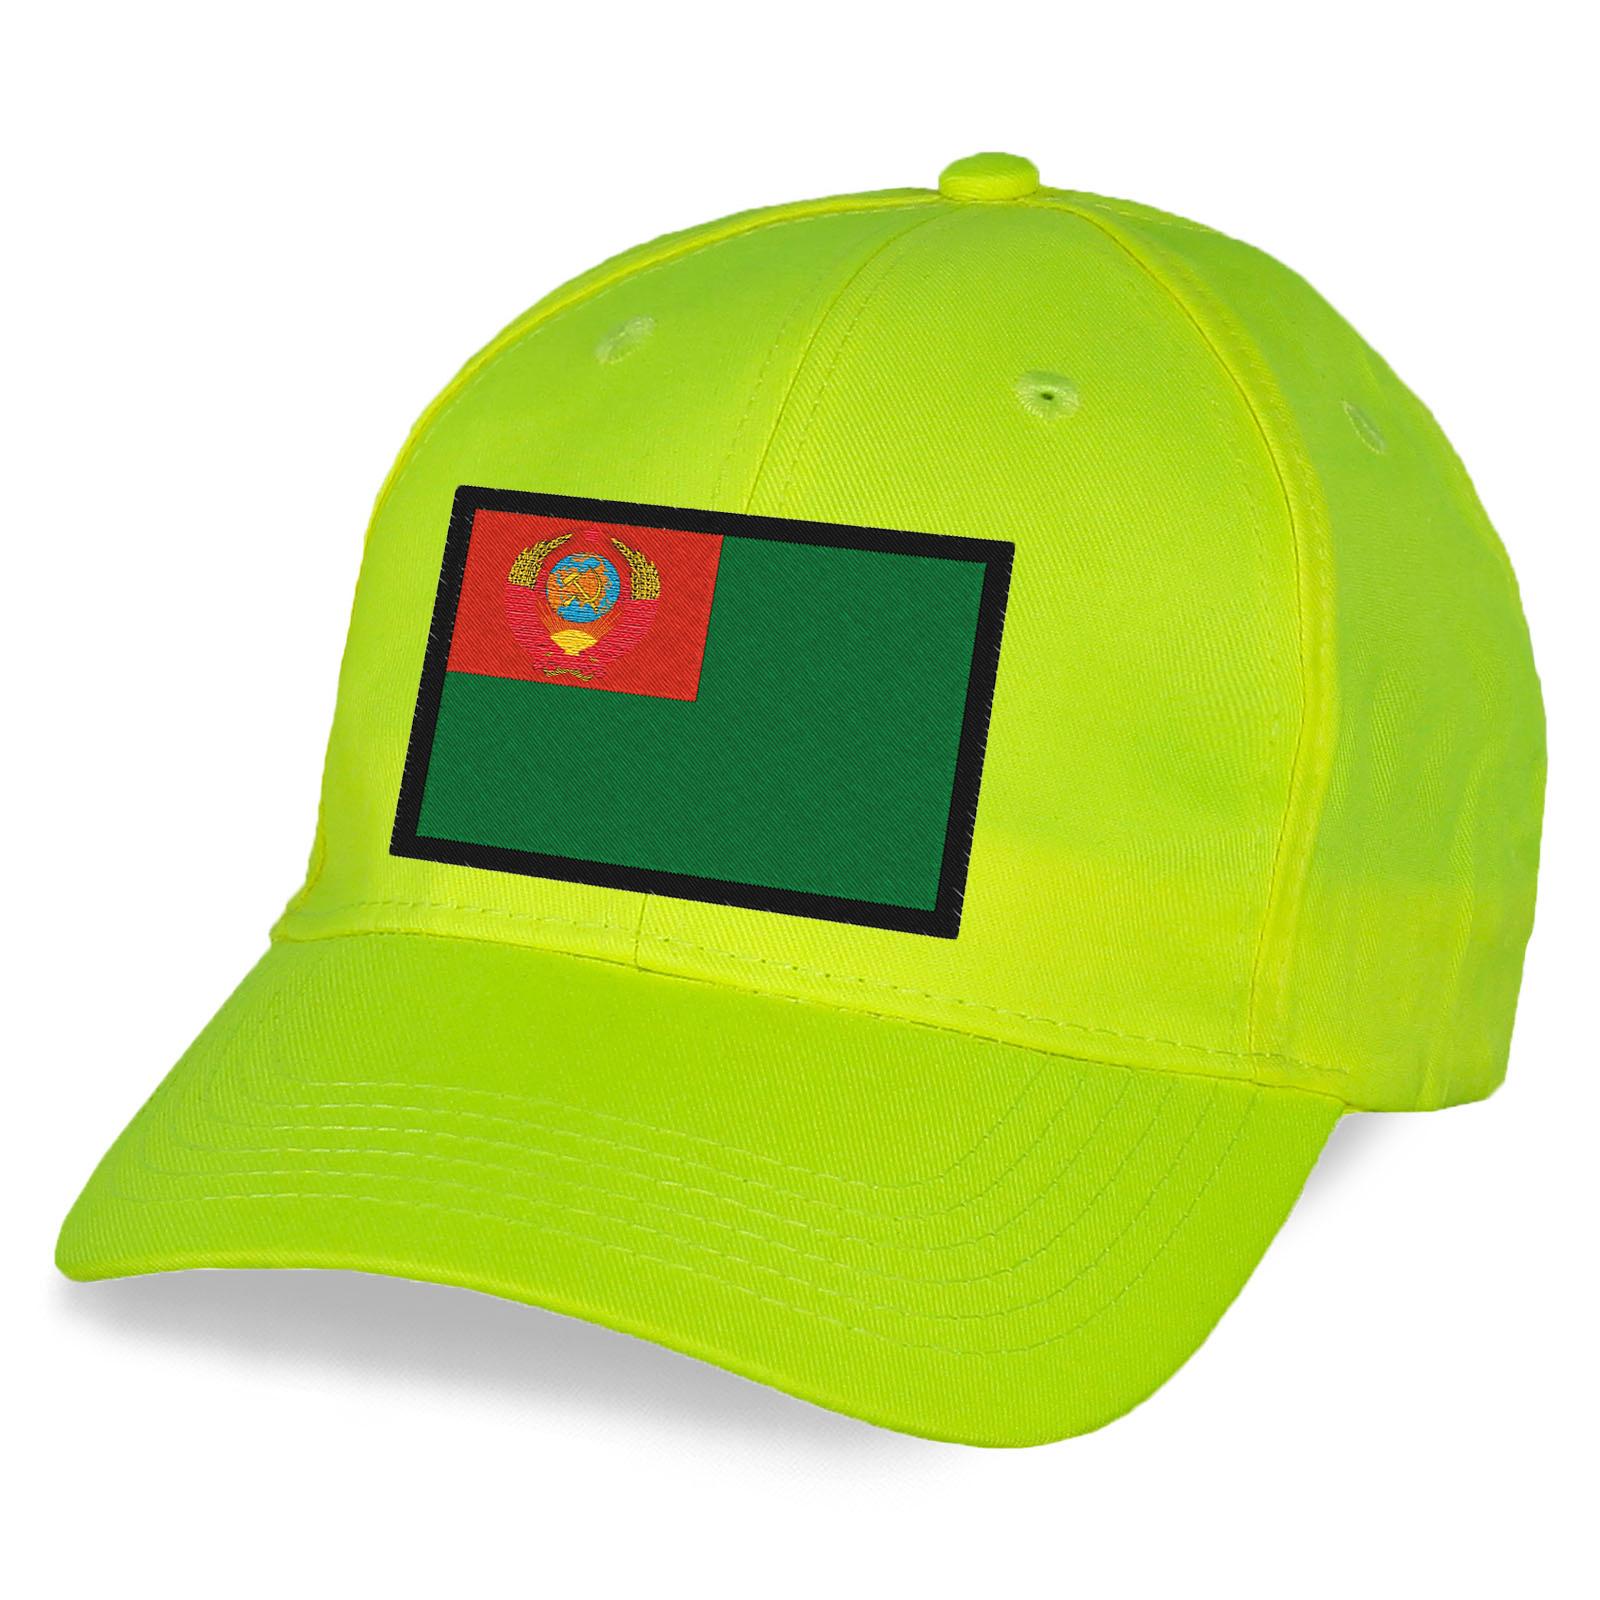 Пограничная бейсболка с вышивкой флага СССР.